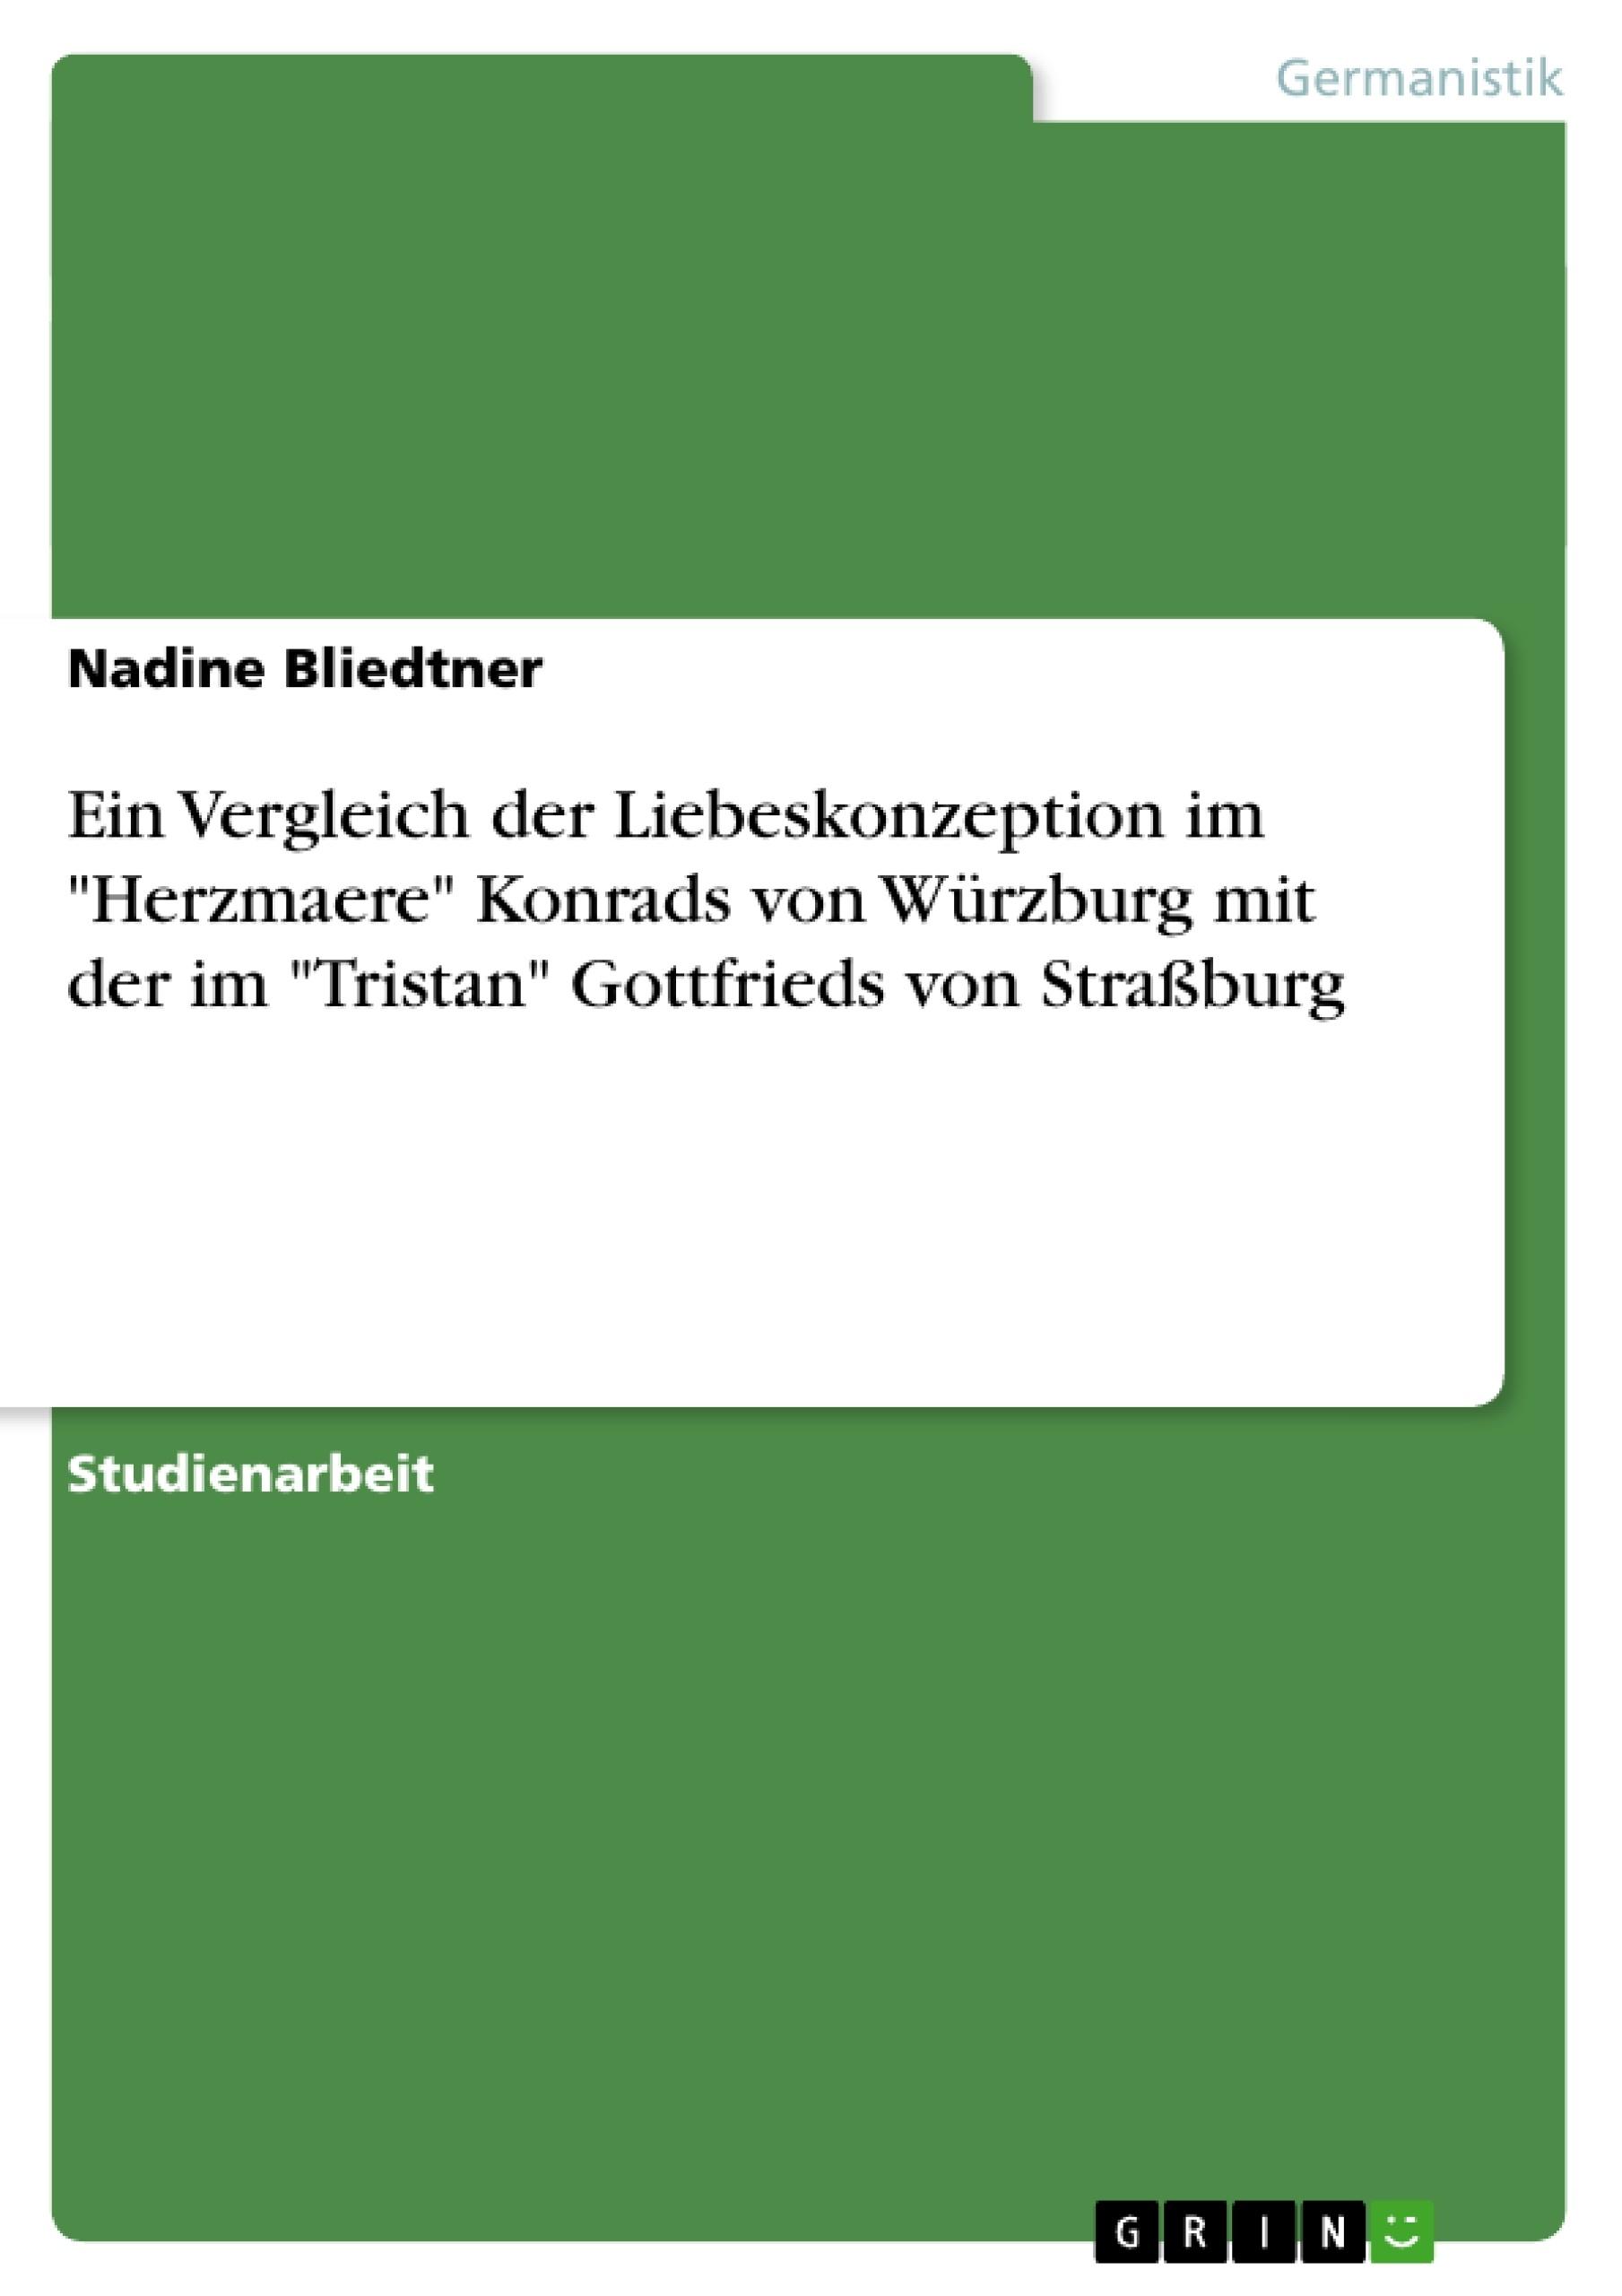 """Titel: Ein Vergleich der Liebeskonzeption im """"Herzmaere""""  Konrads von Würzburg mit der im """"Tristan"""" Gottfrieds von Straßburg"""